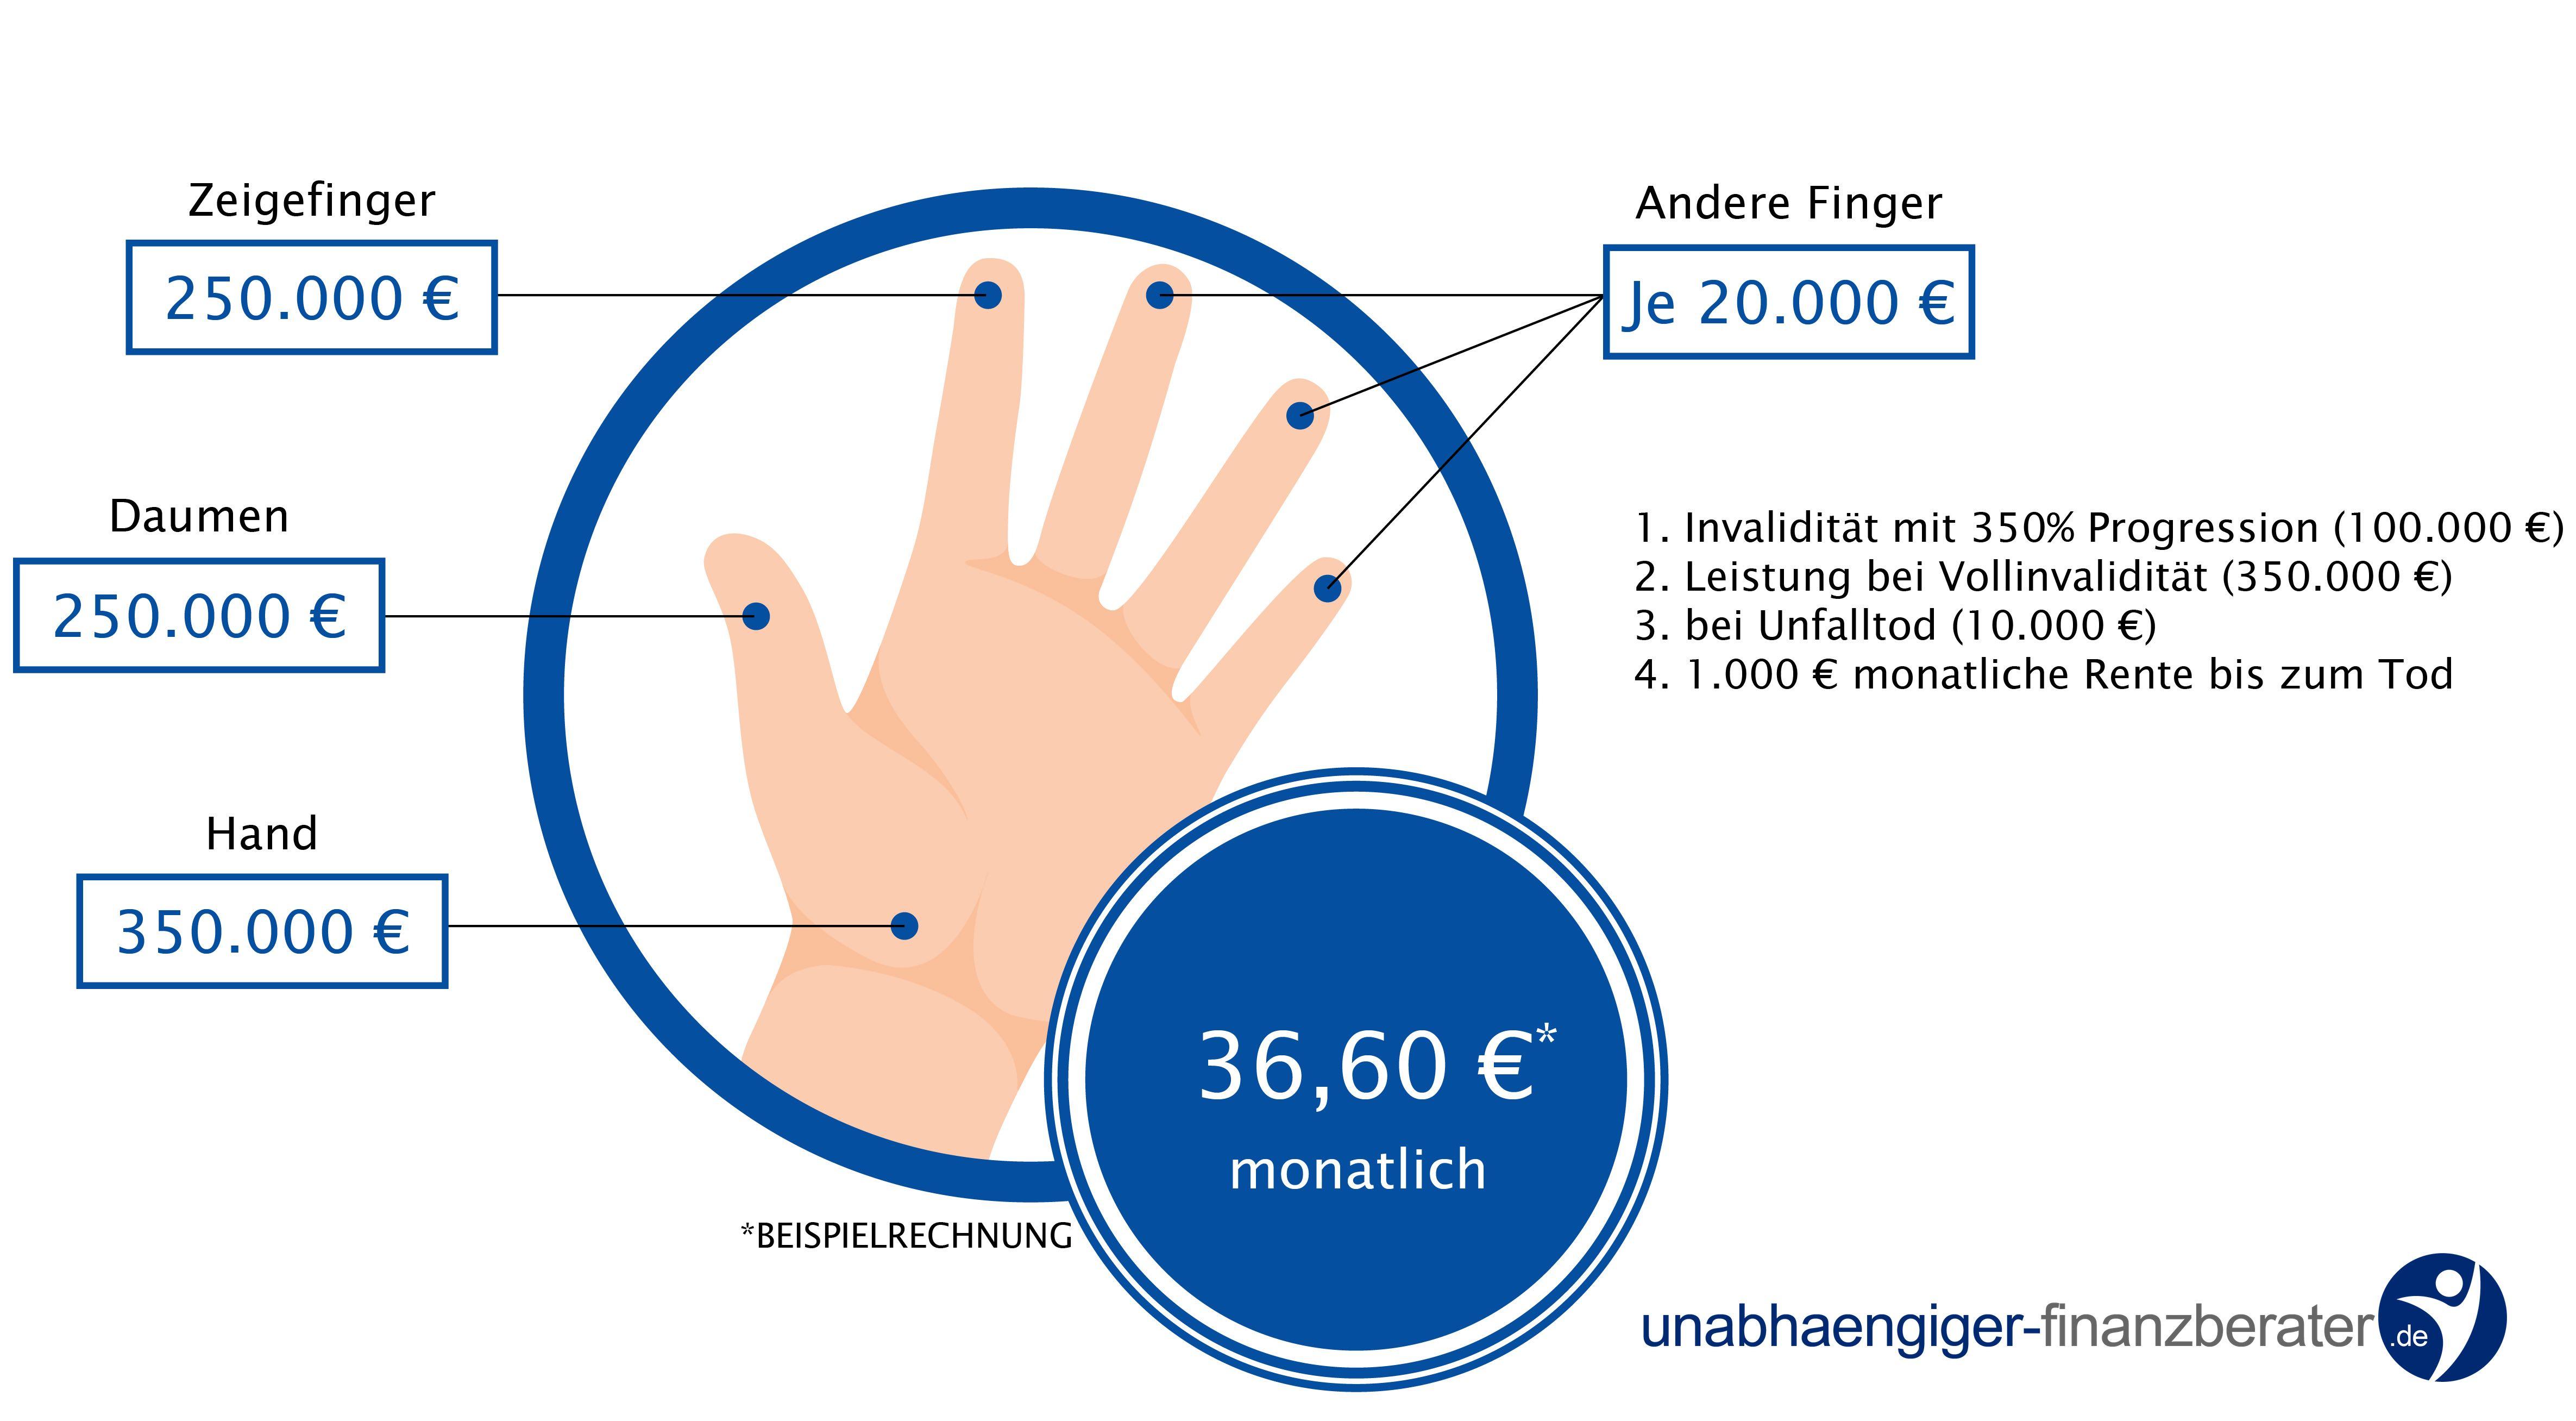 Unfallversicherung Tätowierer Piercer hand